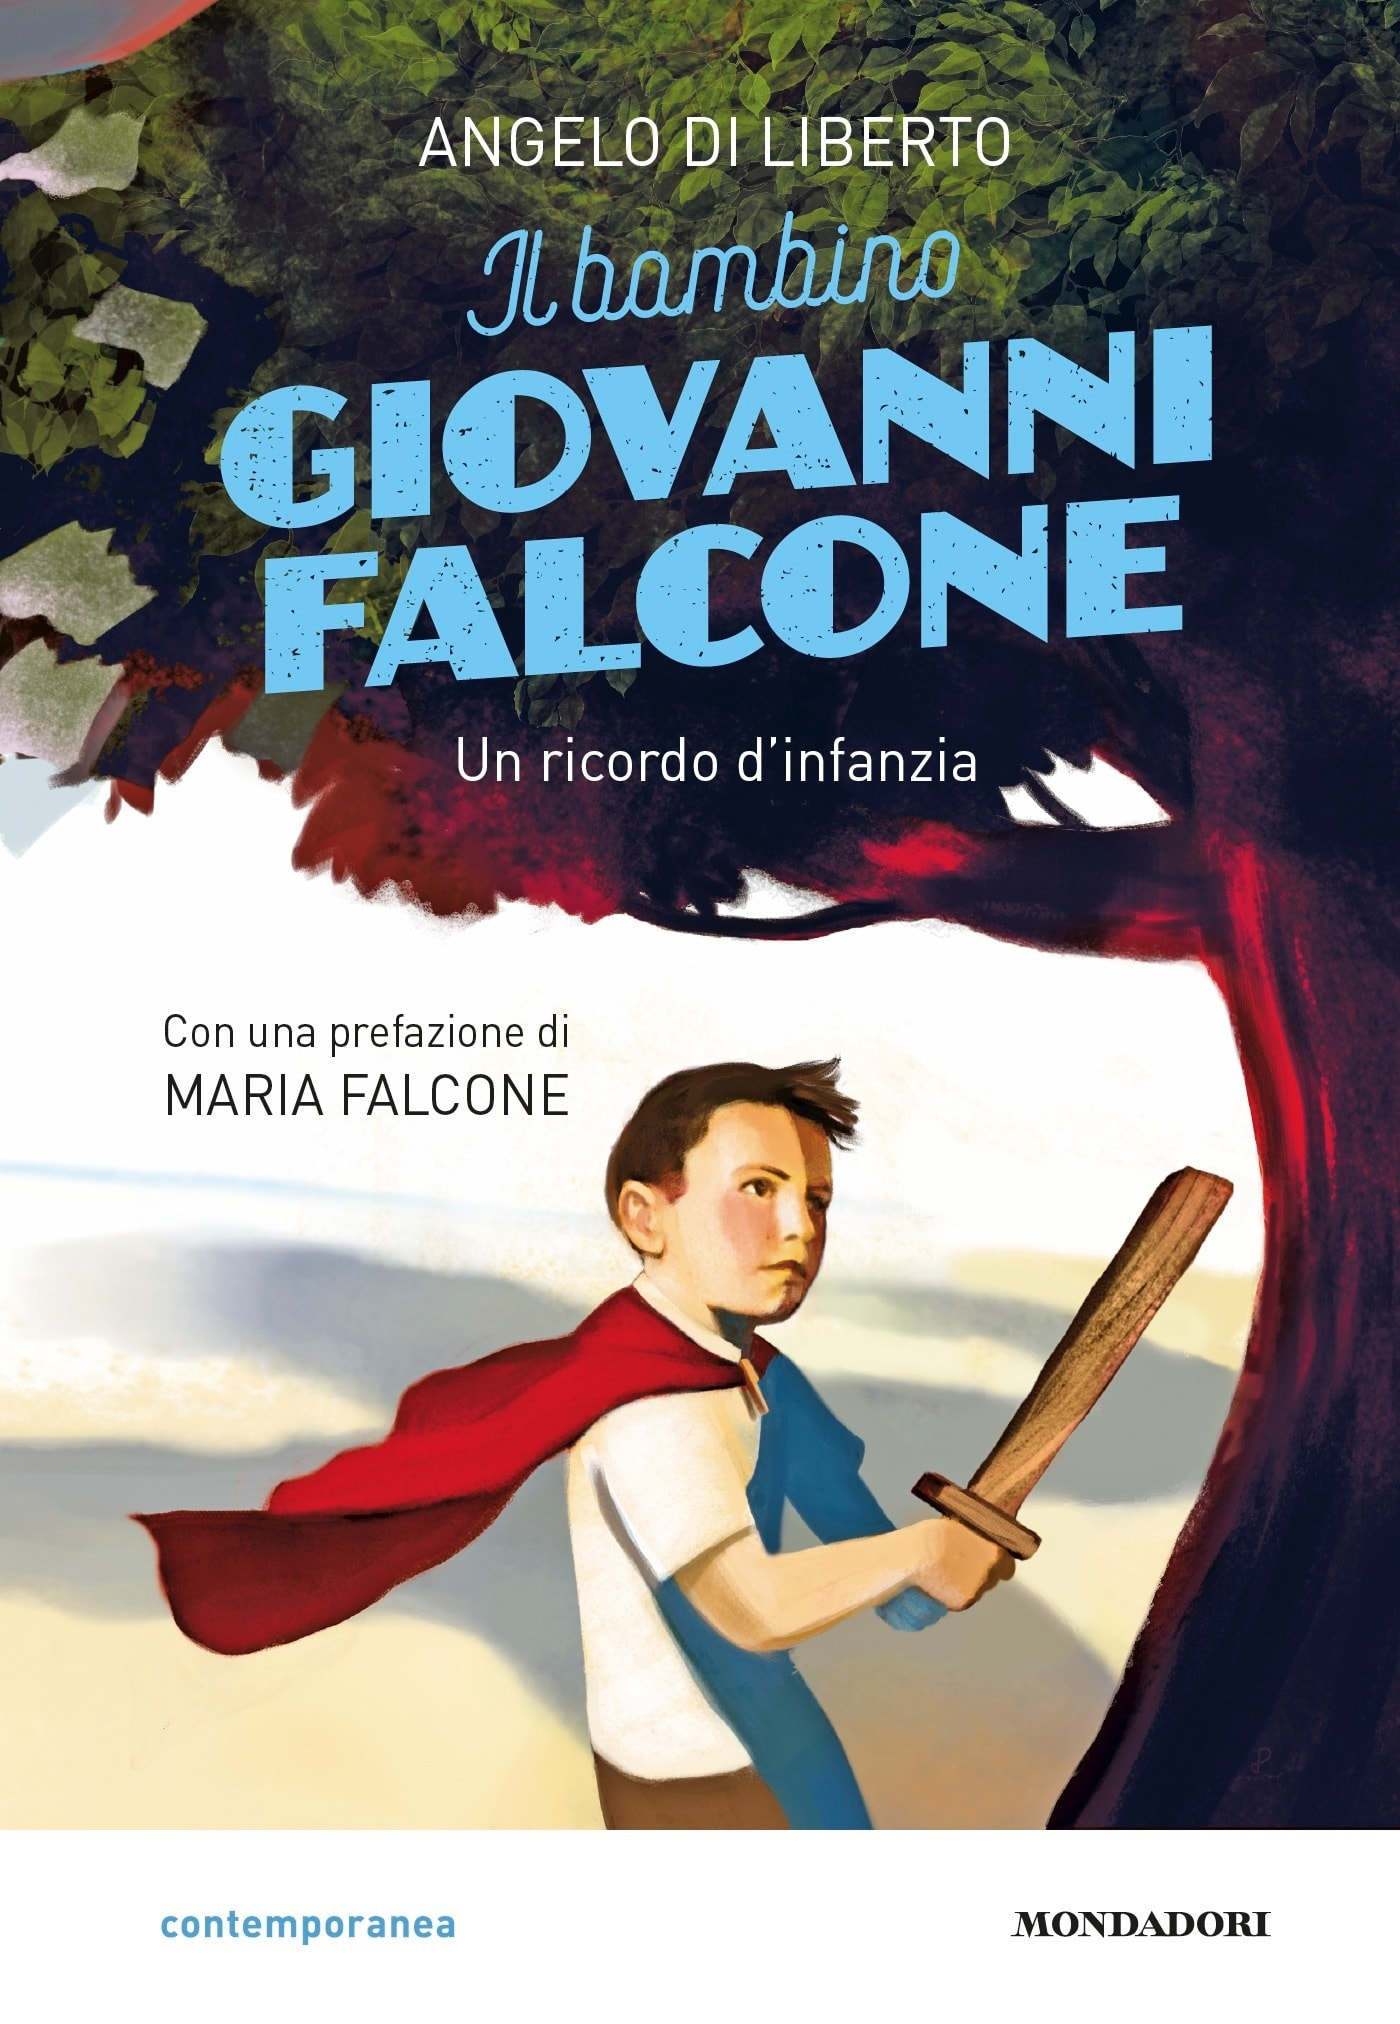 Il bambino Giovanni Falcone. Un ricordo d'infanzia – Angelo Di Liberto